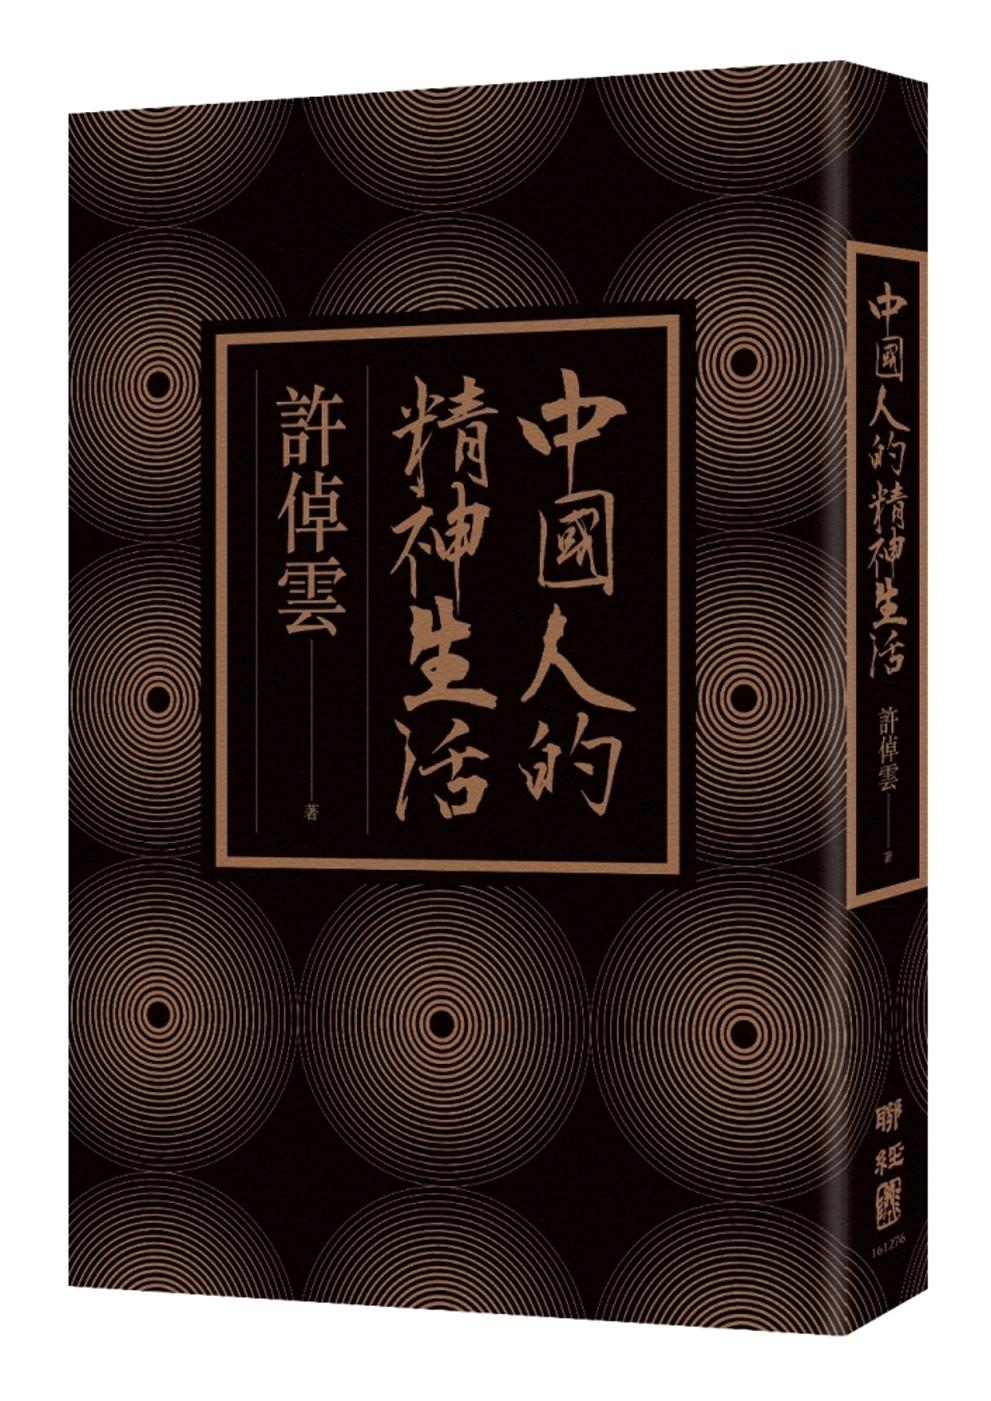 中國人的精神生活